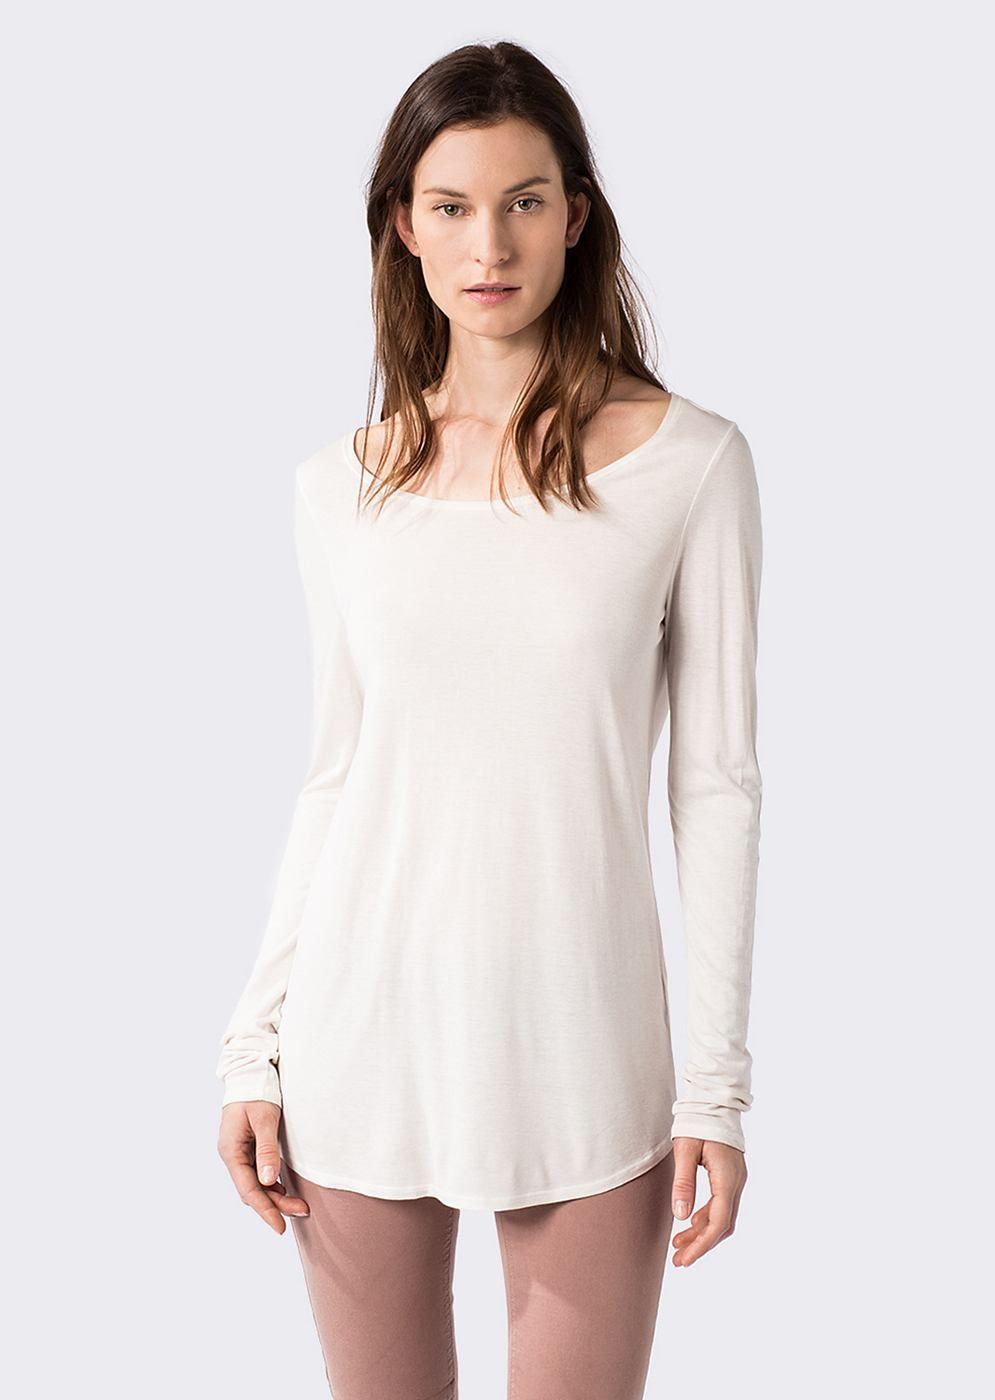 Individuell gefärbtes, im Material kombiniertes und leger geschnittenes Shirt im femininen Serafino-Stil mit schmaler Knopfleiste und einer kleinen Brusttasche. 100% Viskose und der kühle Griff sorgen für einen herrlichen Tragegenuss...